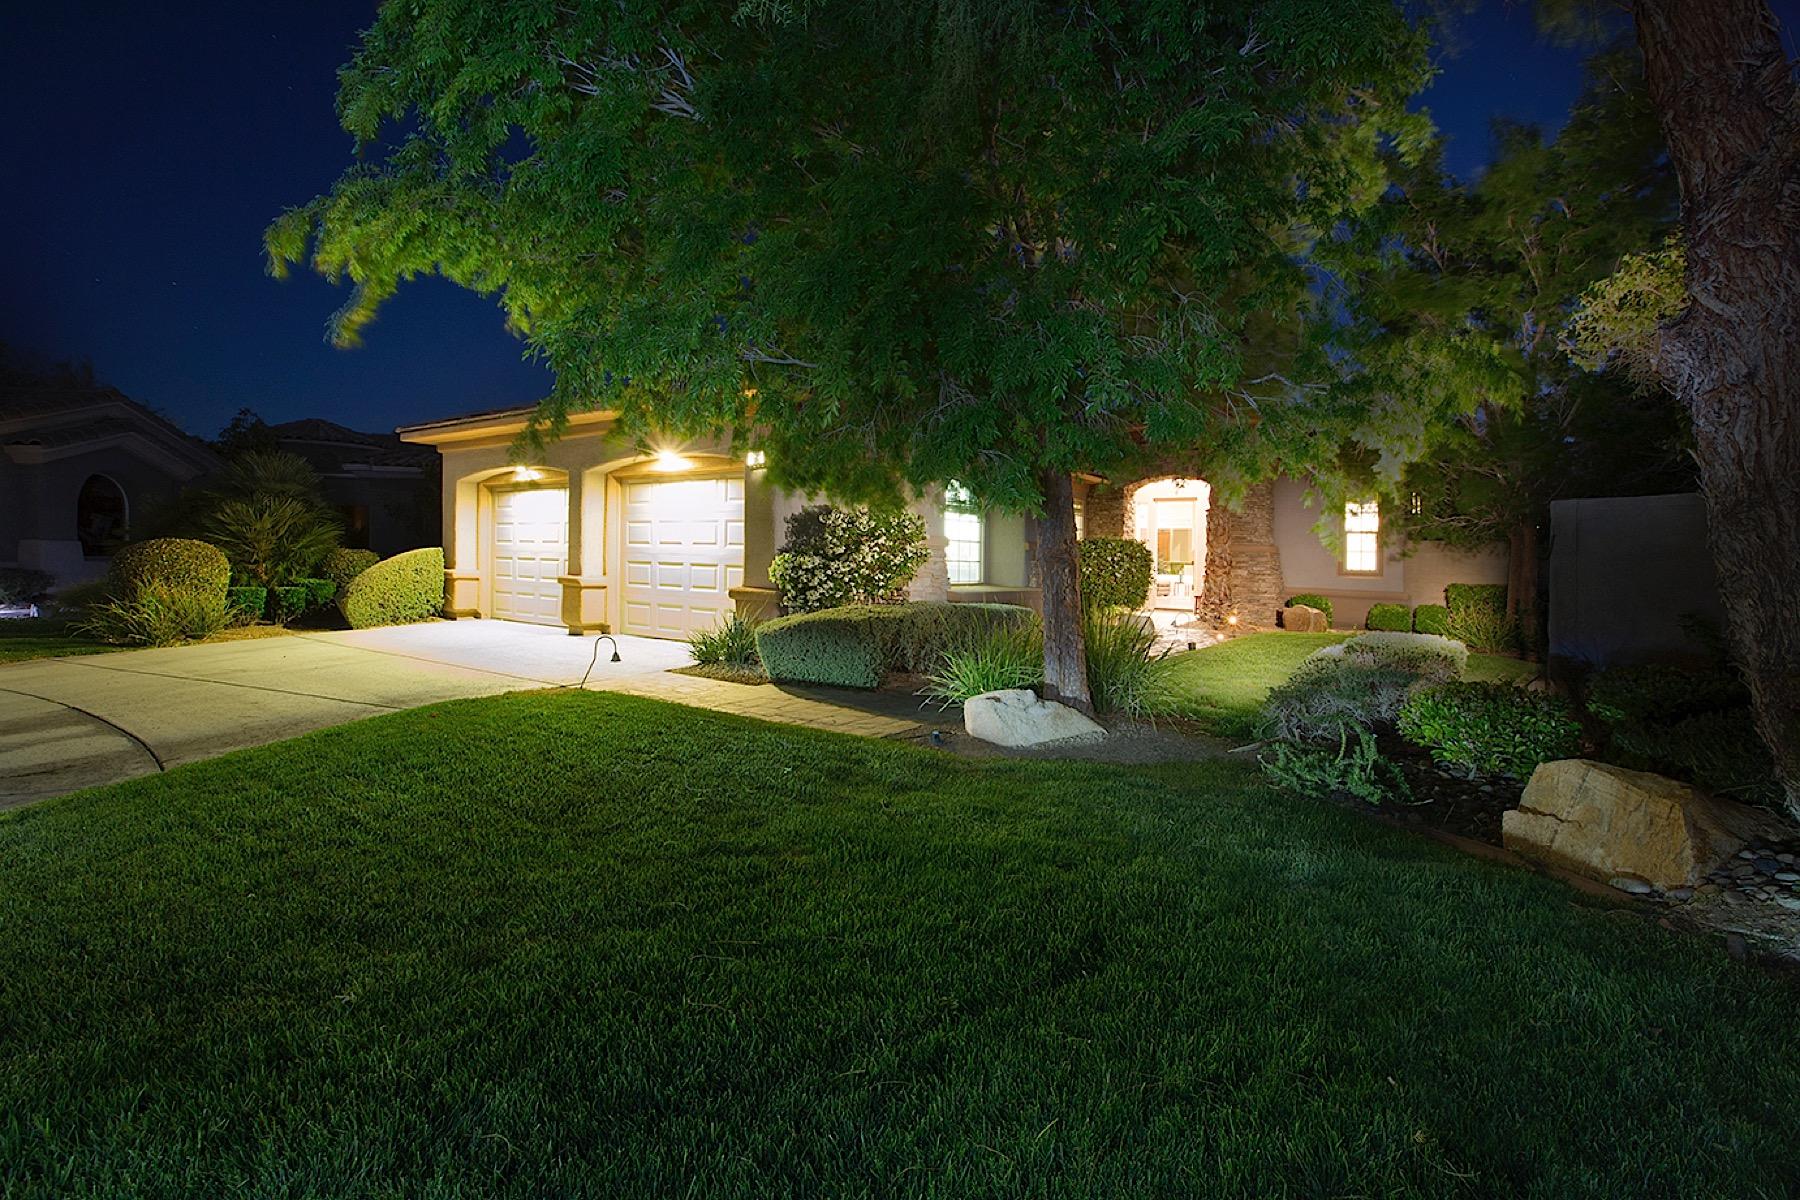 Maison unifamiliale pour l Vente à Sunnyside at Anthem Country Club 3 Annadale Court Henderson, Nevada 89052 États-Unis